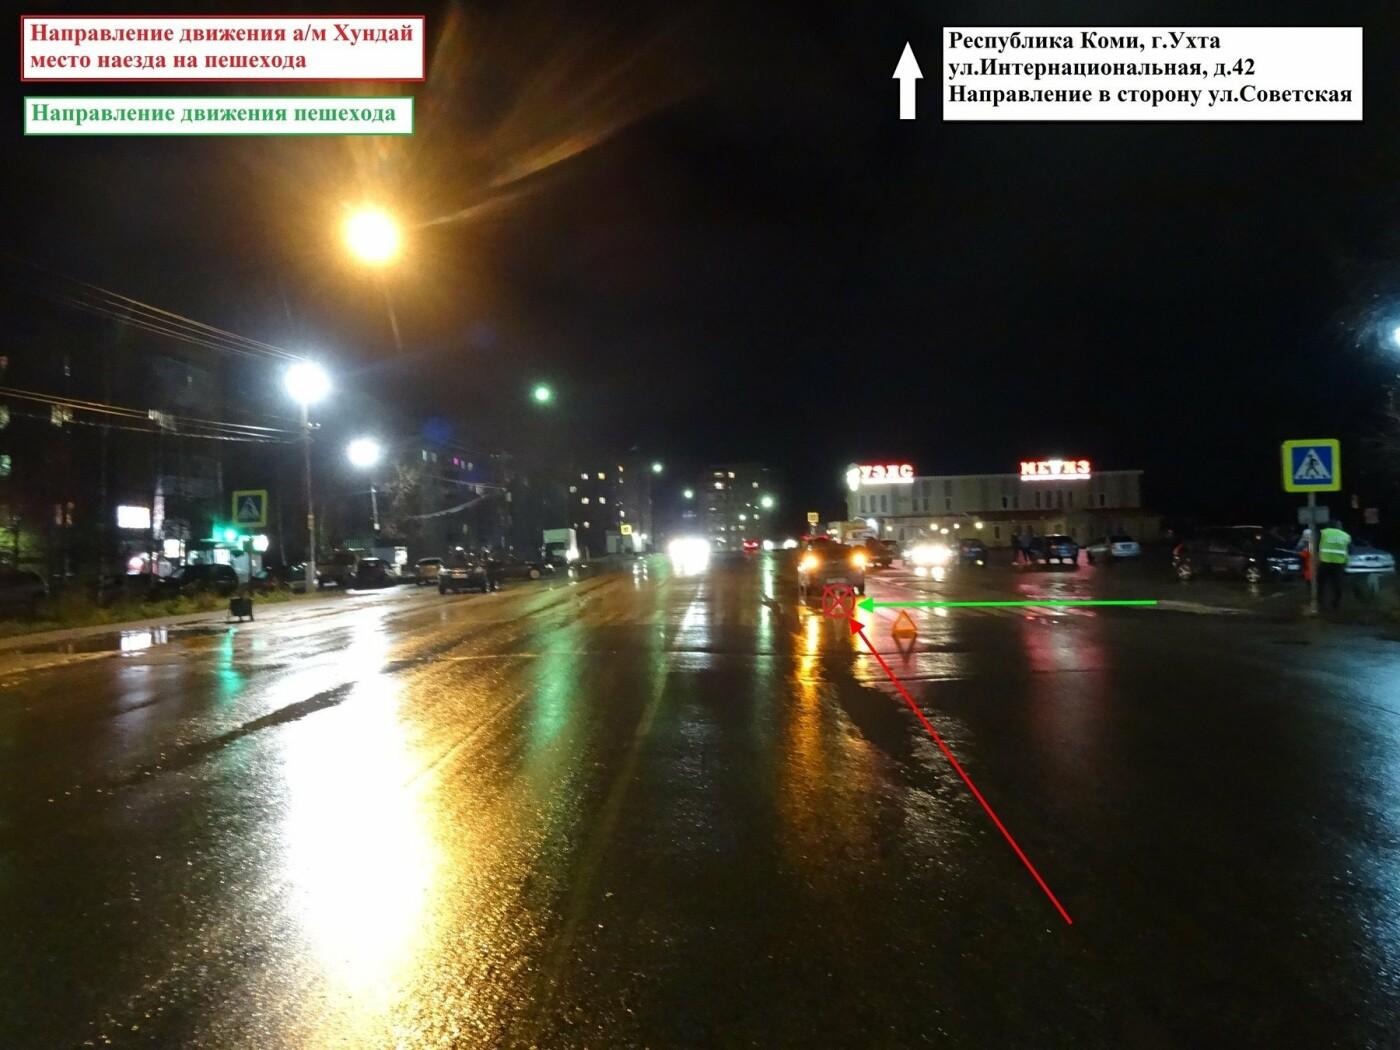 Схема произошедшего в Ухте ДТП, в результате которого пострадал пешеход. 25 октября ё 2018 года - Фото предоставлено пресс-службой АМОГО «Ухта»